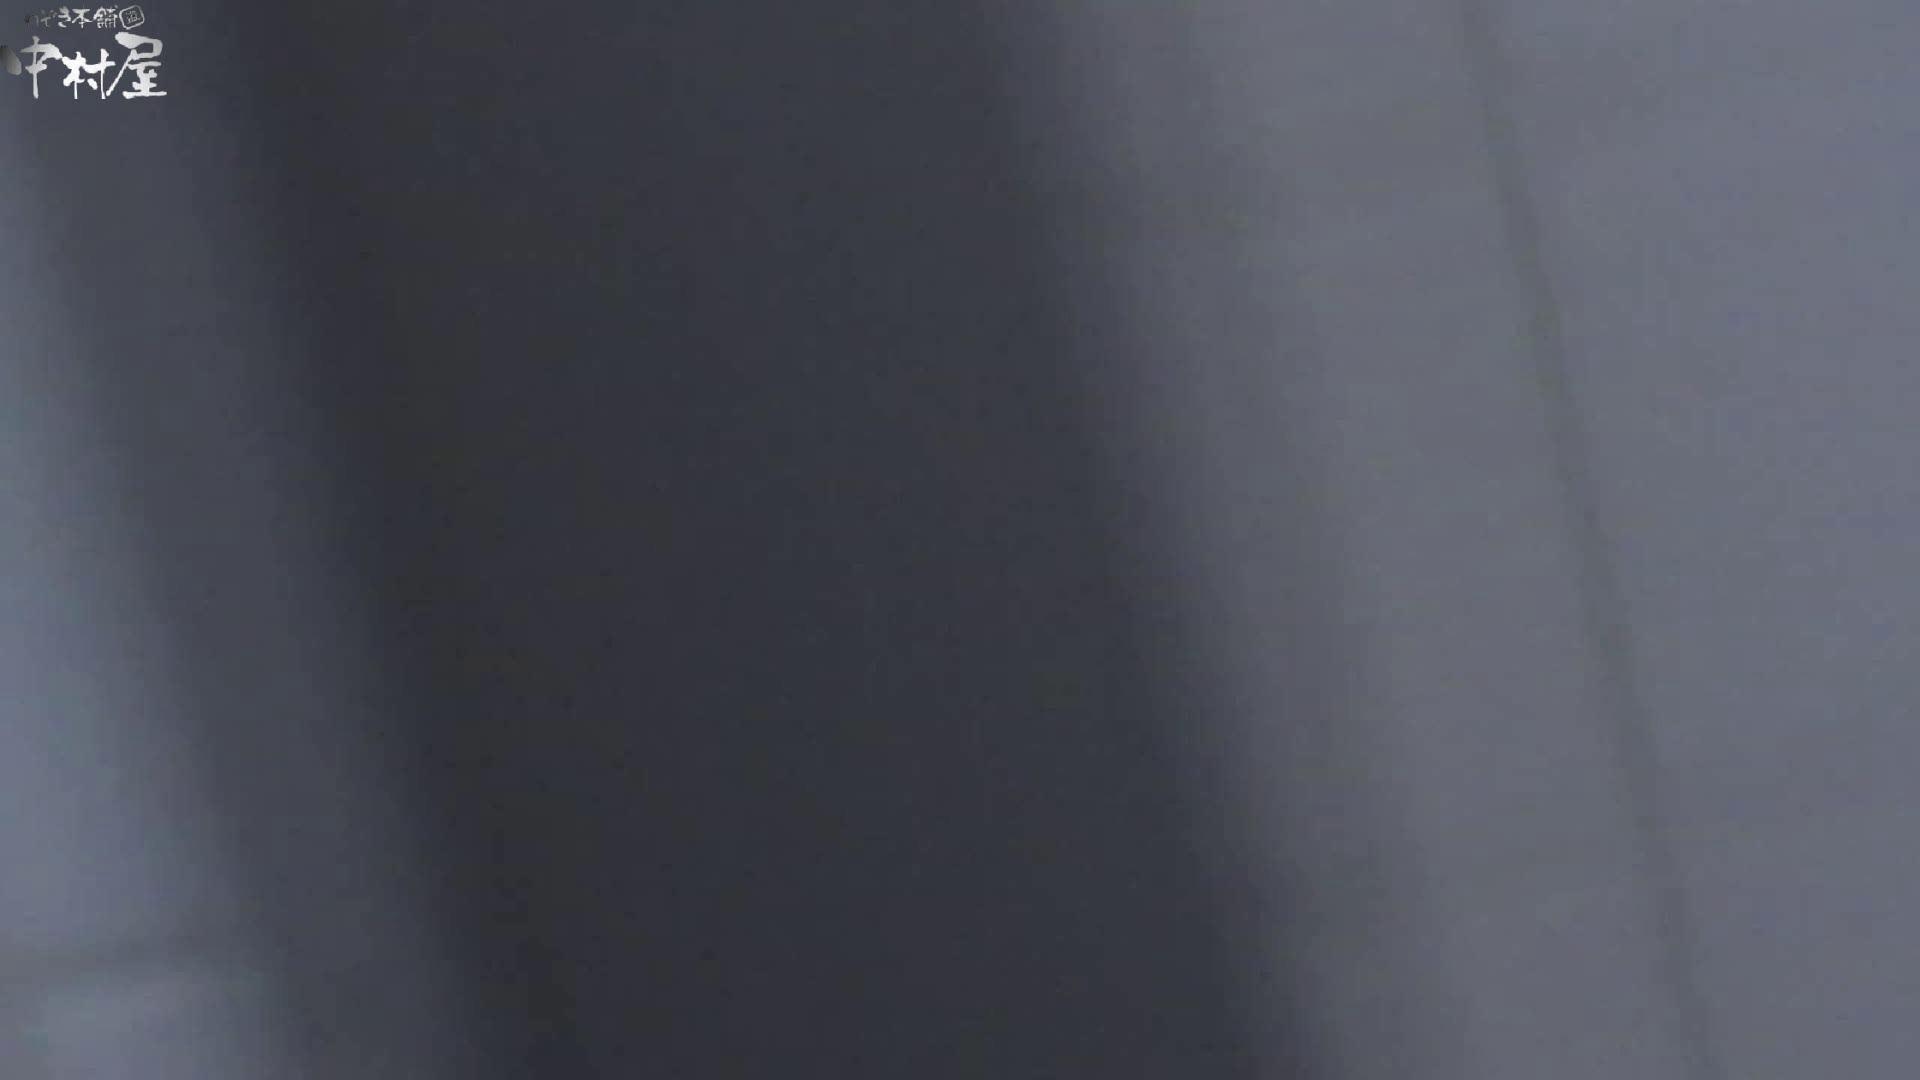 魂のかわや盗撮62連発! オシャレなブーツのお姉さん! 30発目! 黄金水 | お姉さんのエロ動画  89PIX 16